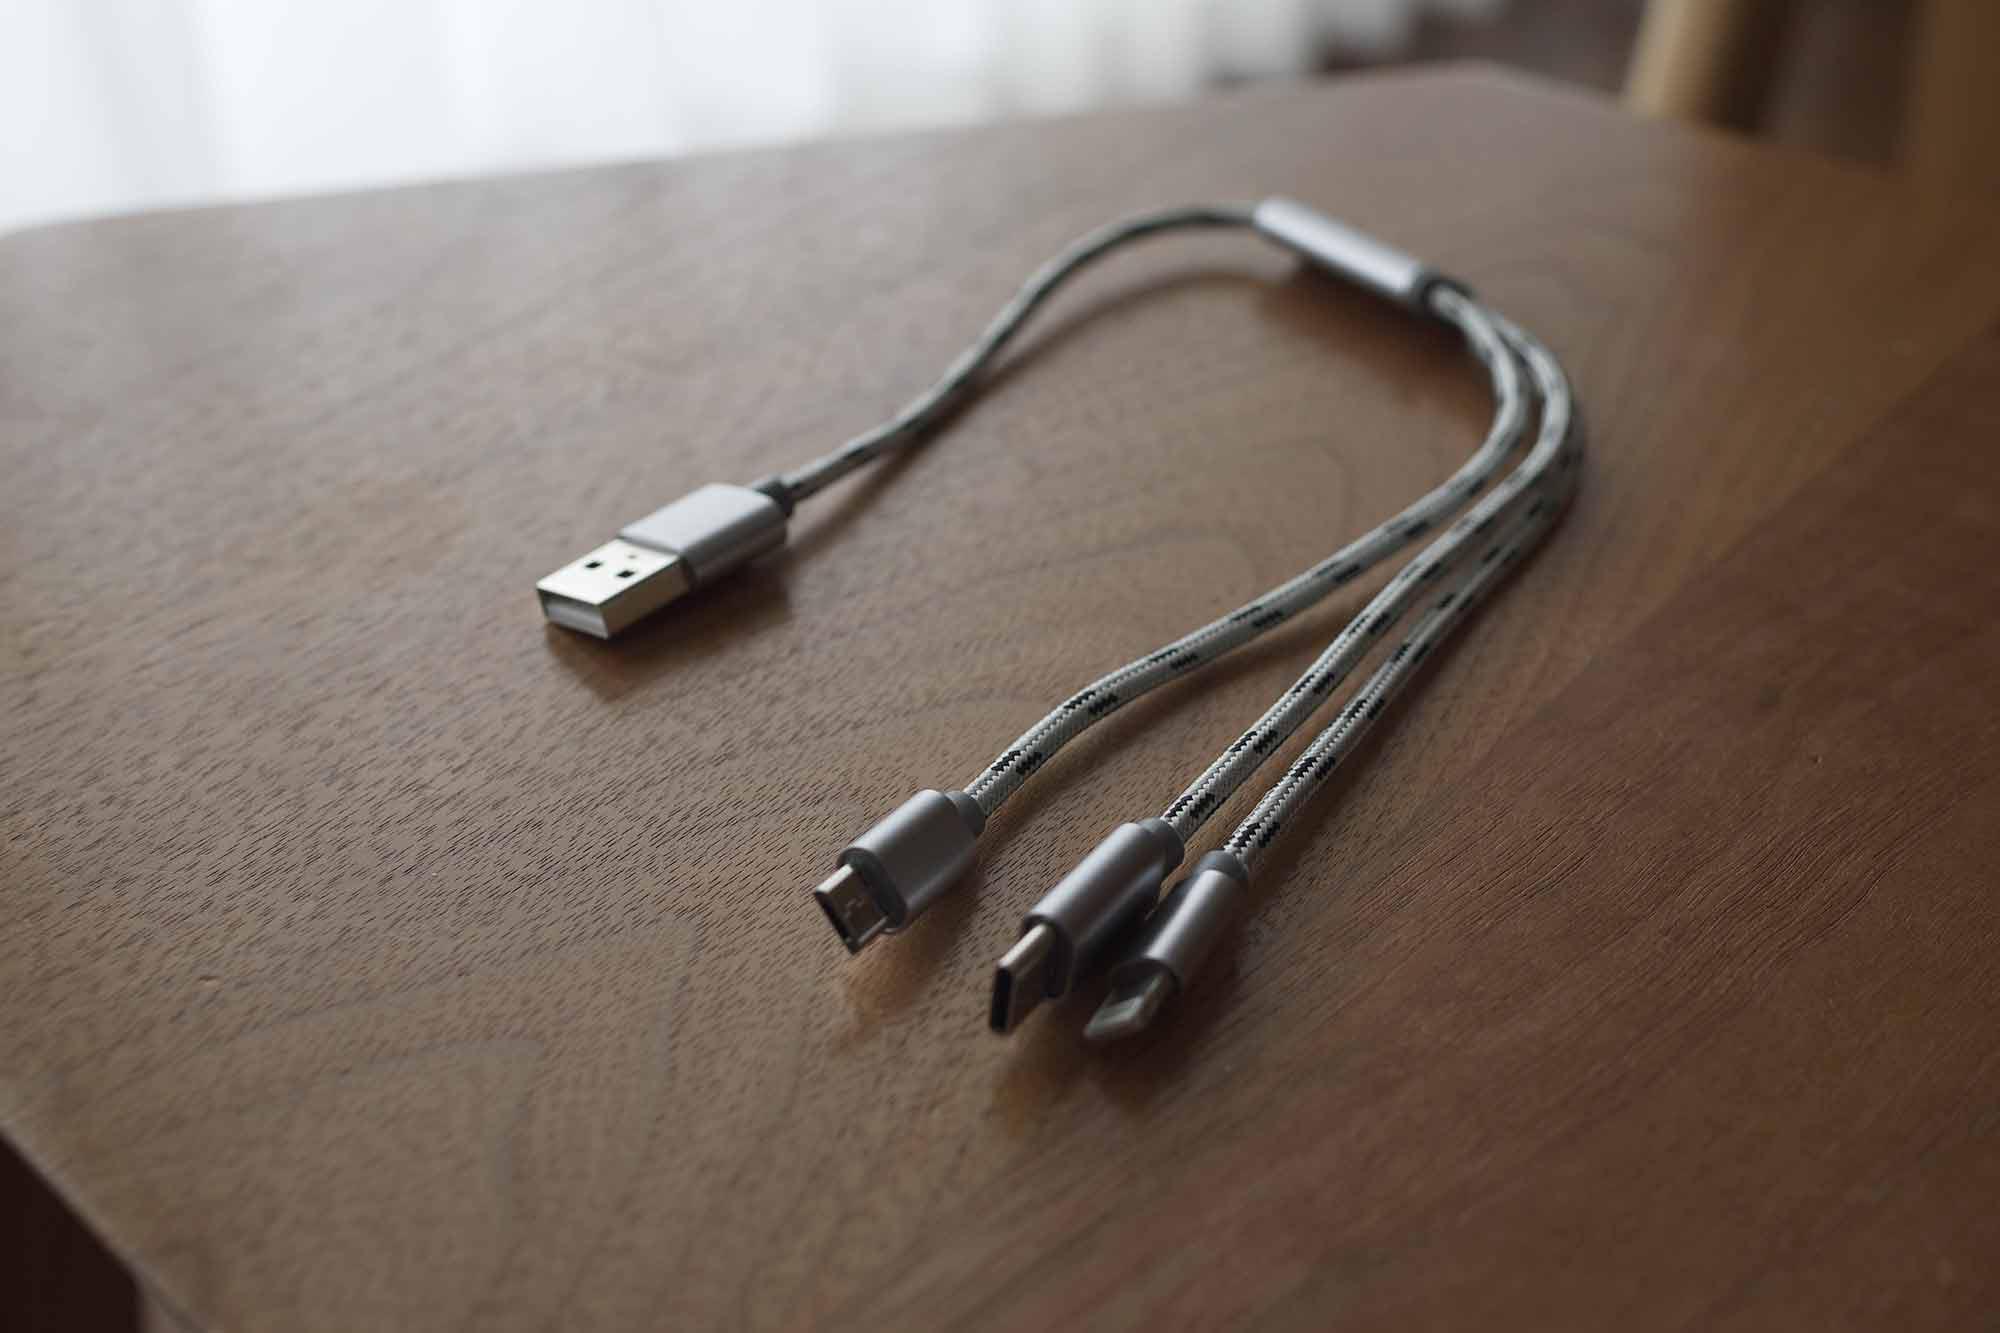 充電ケーブル,USB-C,microUSB,ライトニング,3in1,コンパクト,短い,軽い